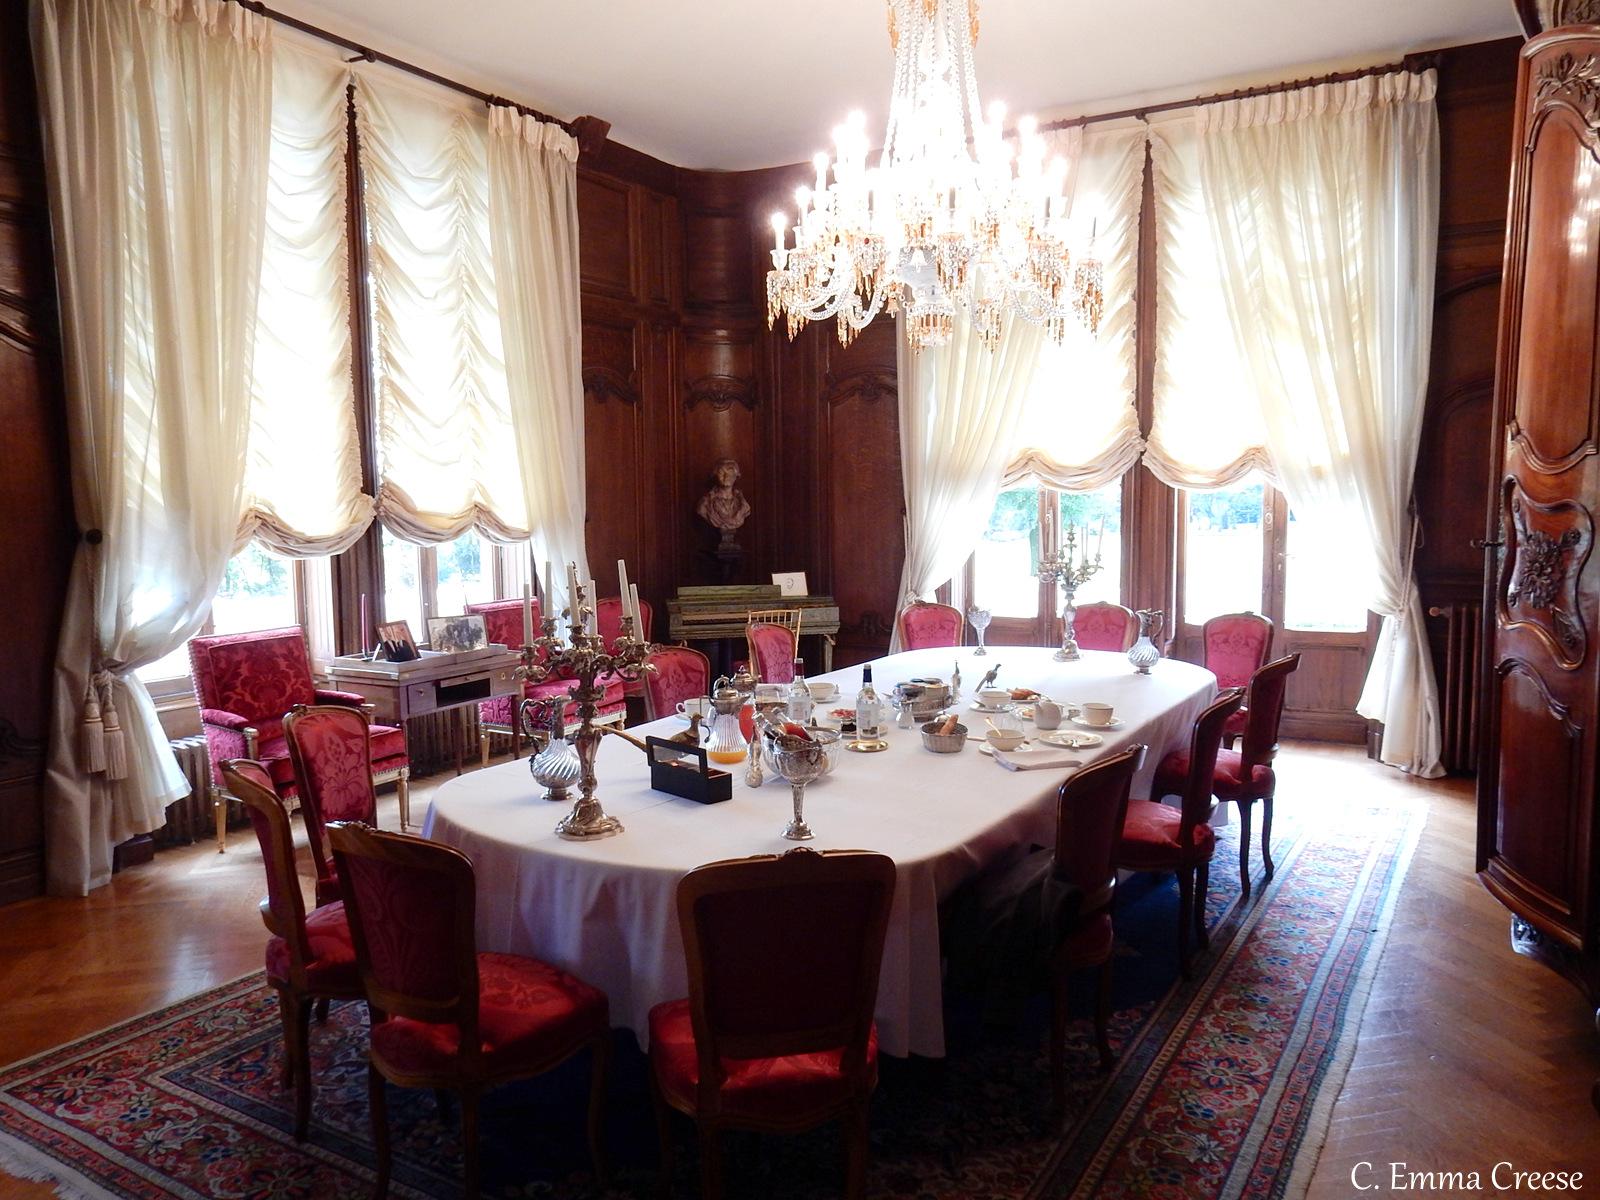 Chateau Pape Clement Bordeaux France Adventures of a London Kiwi